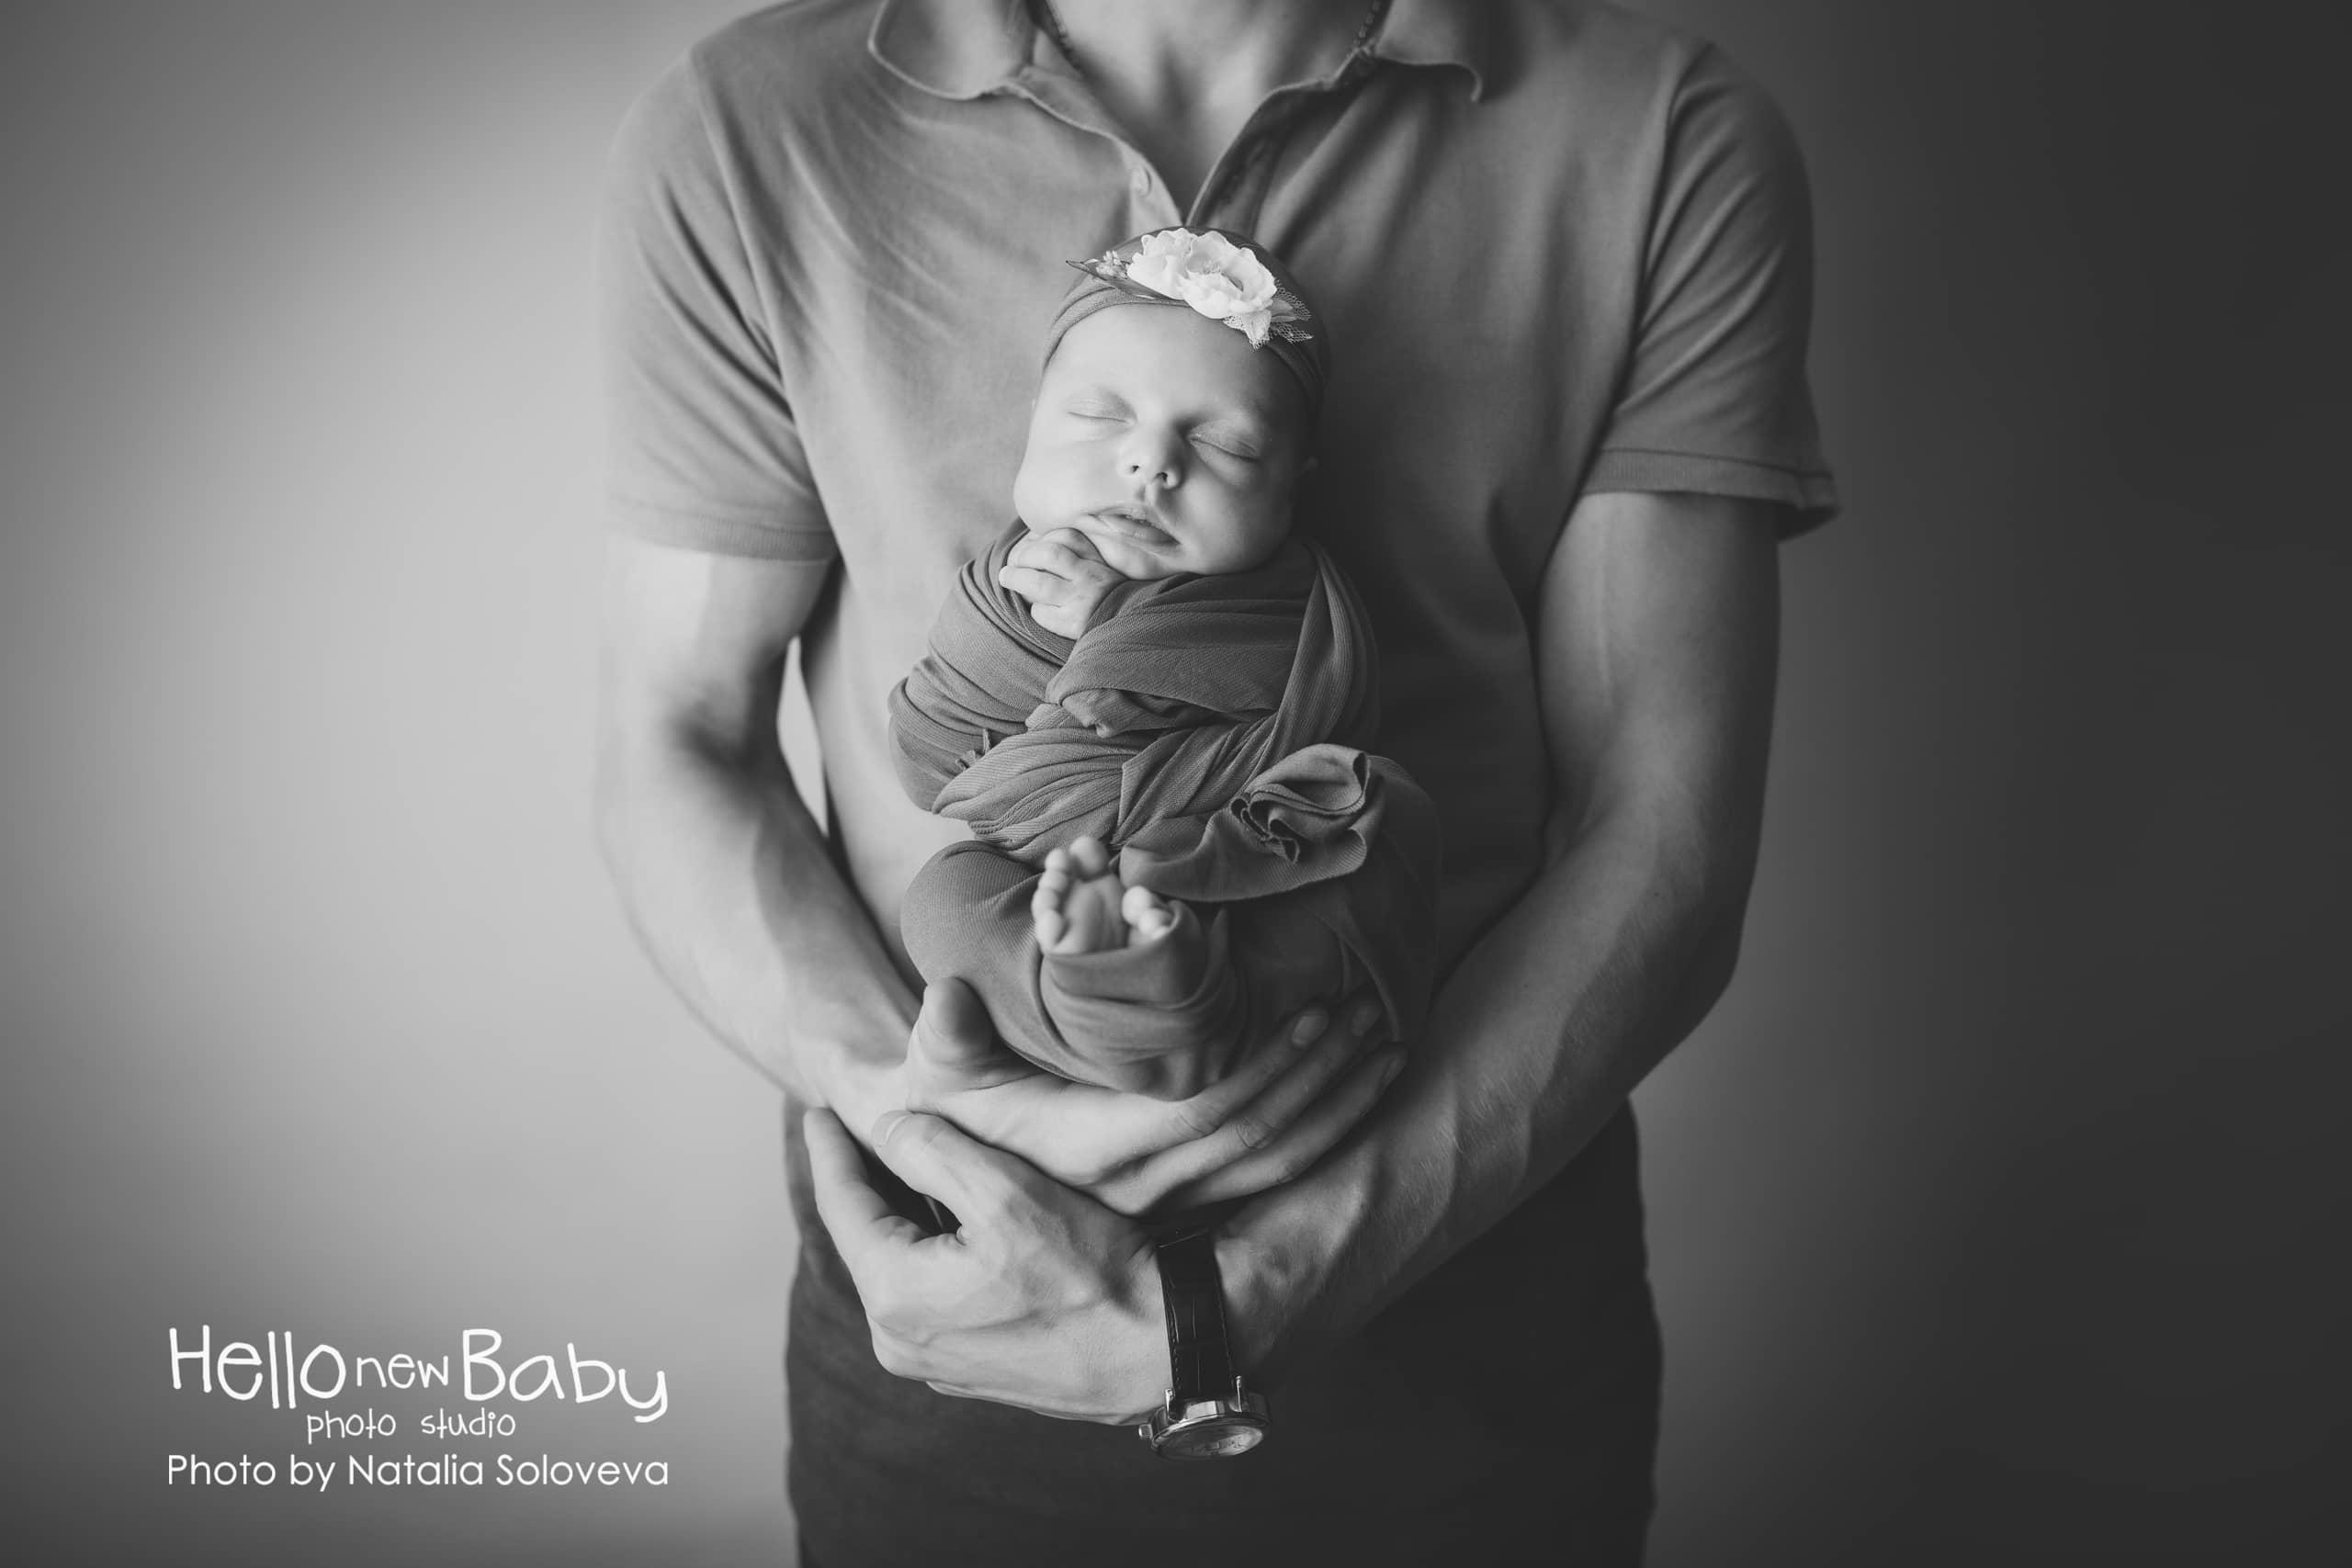 Фотосессия - сказка для малыша и его родителей